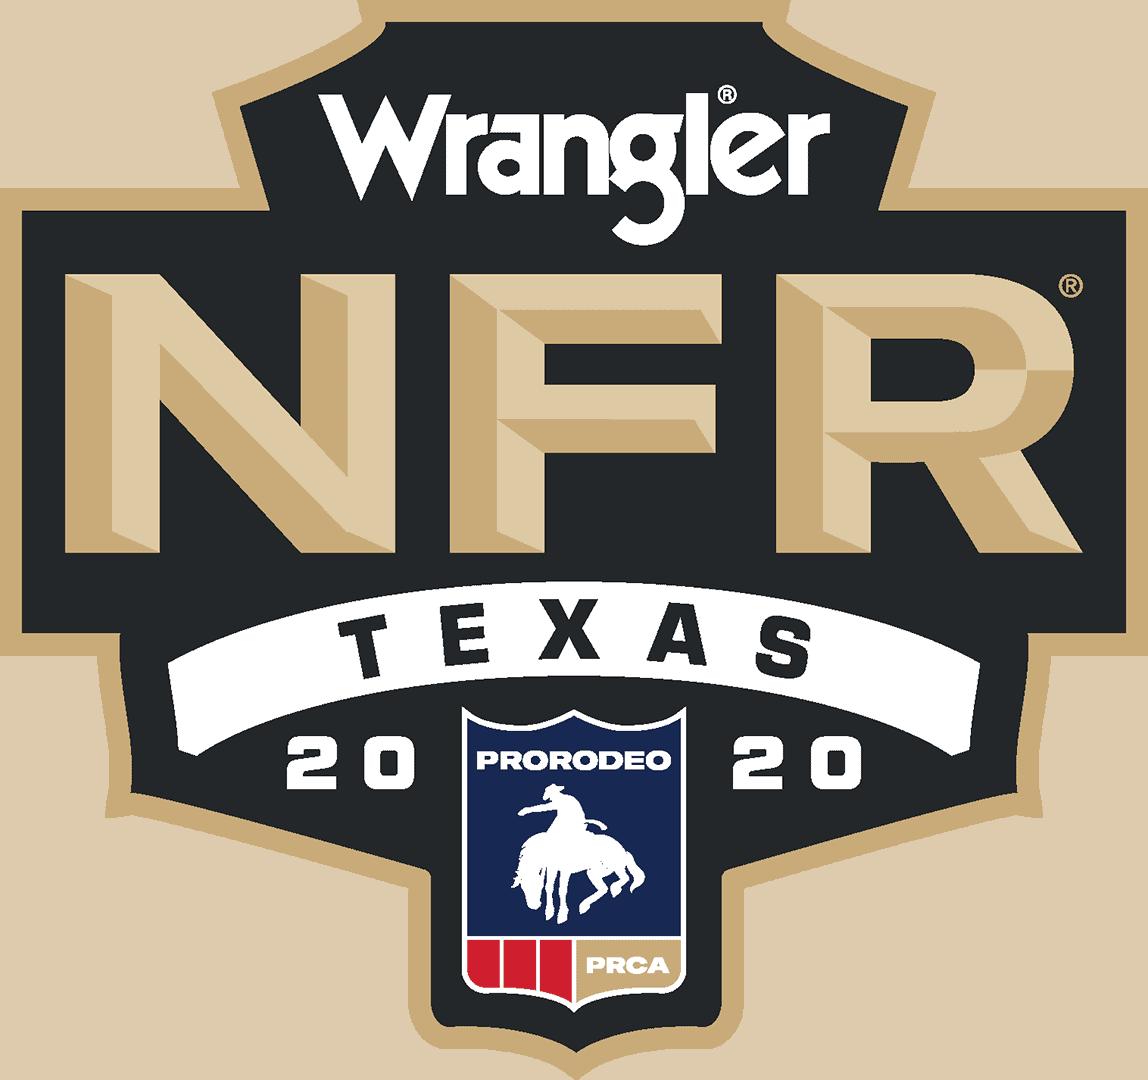 Wrangler National Finals Rodeo | Wrangler NetworkWrangler Network